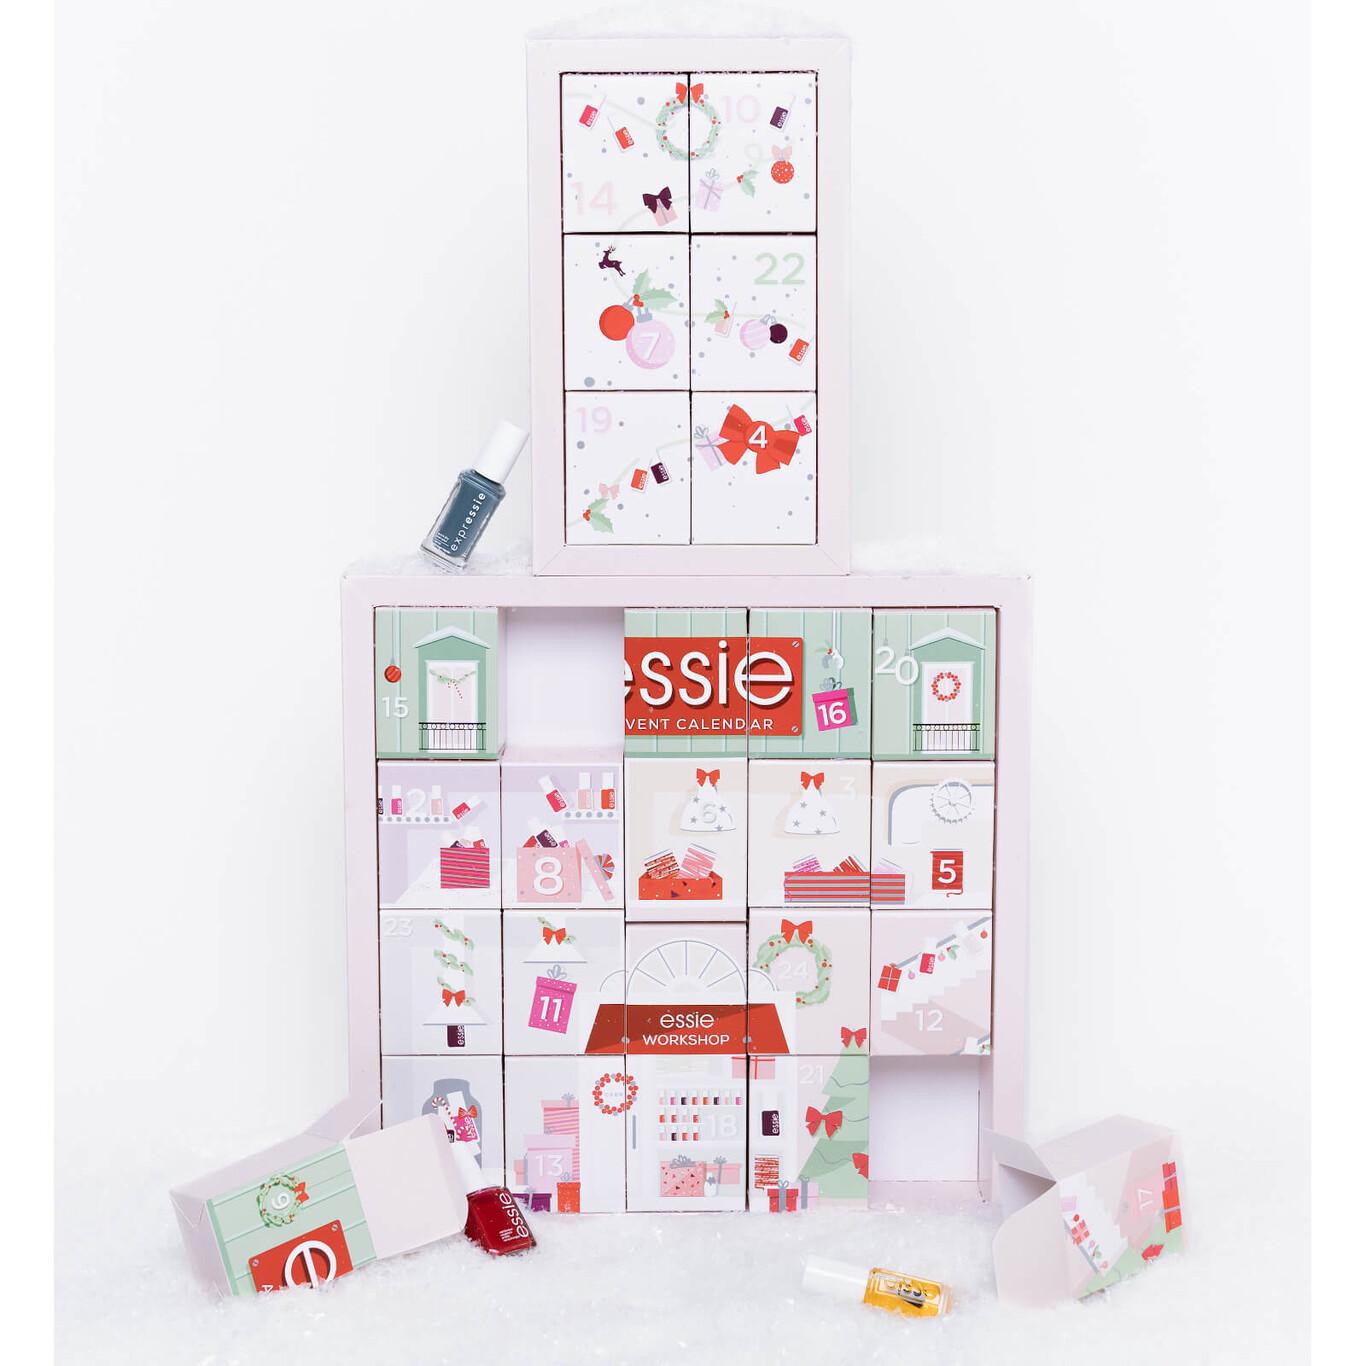 Calendario De Adviento Essie 2020 con 24 sorpresas